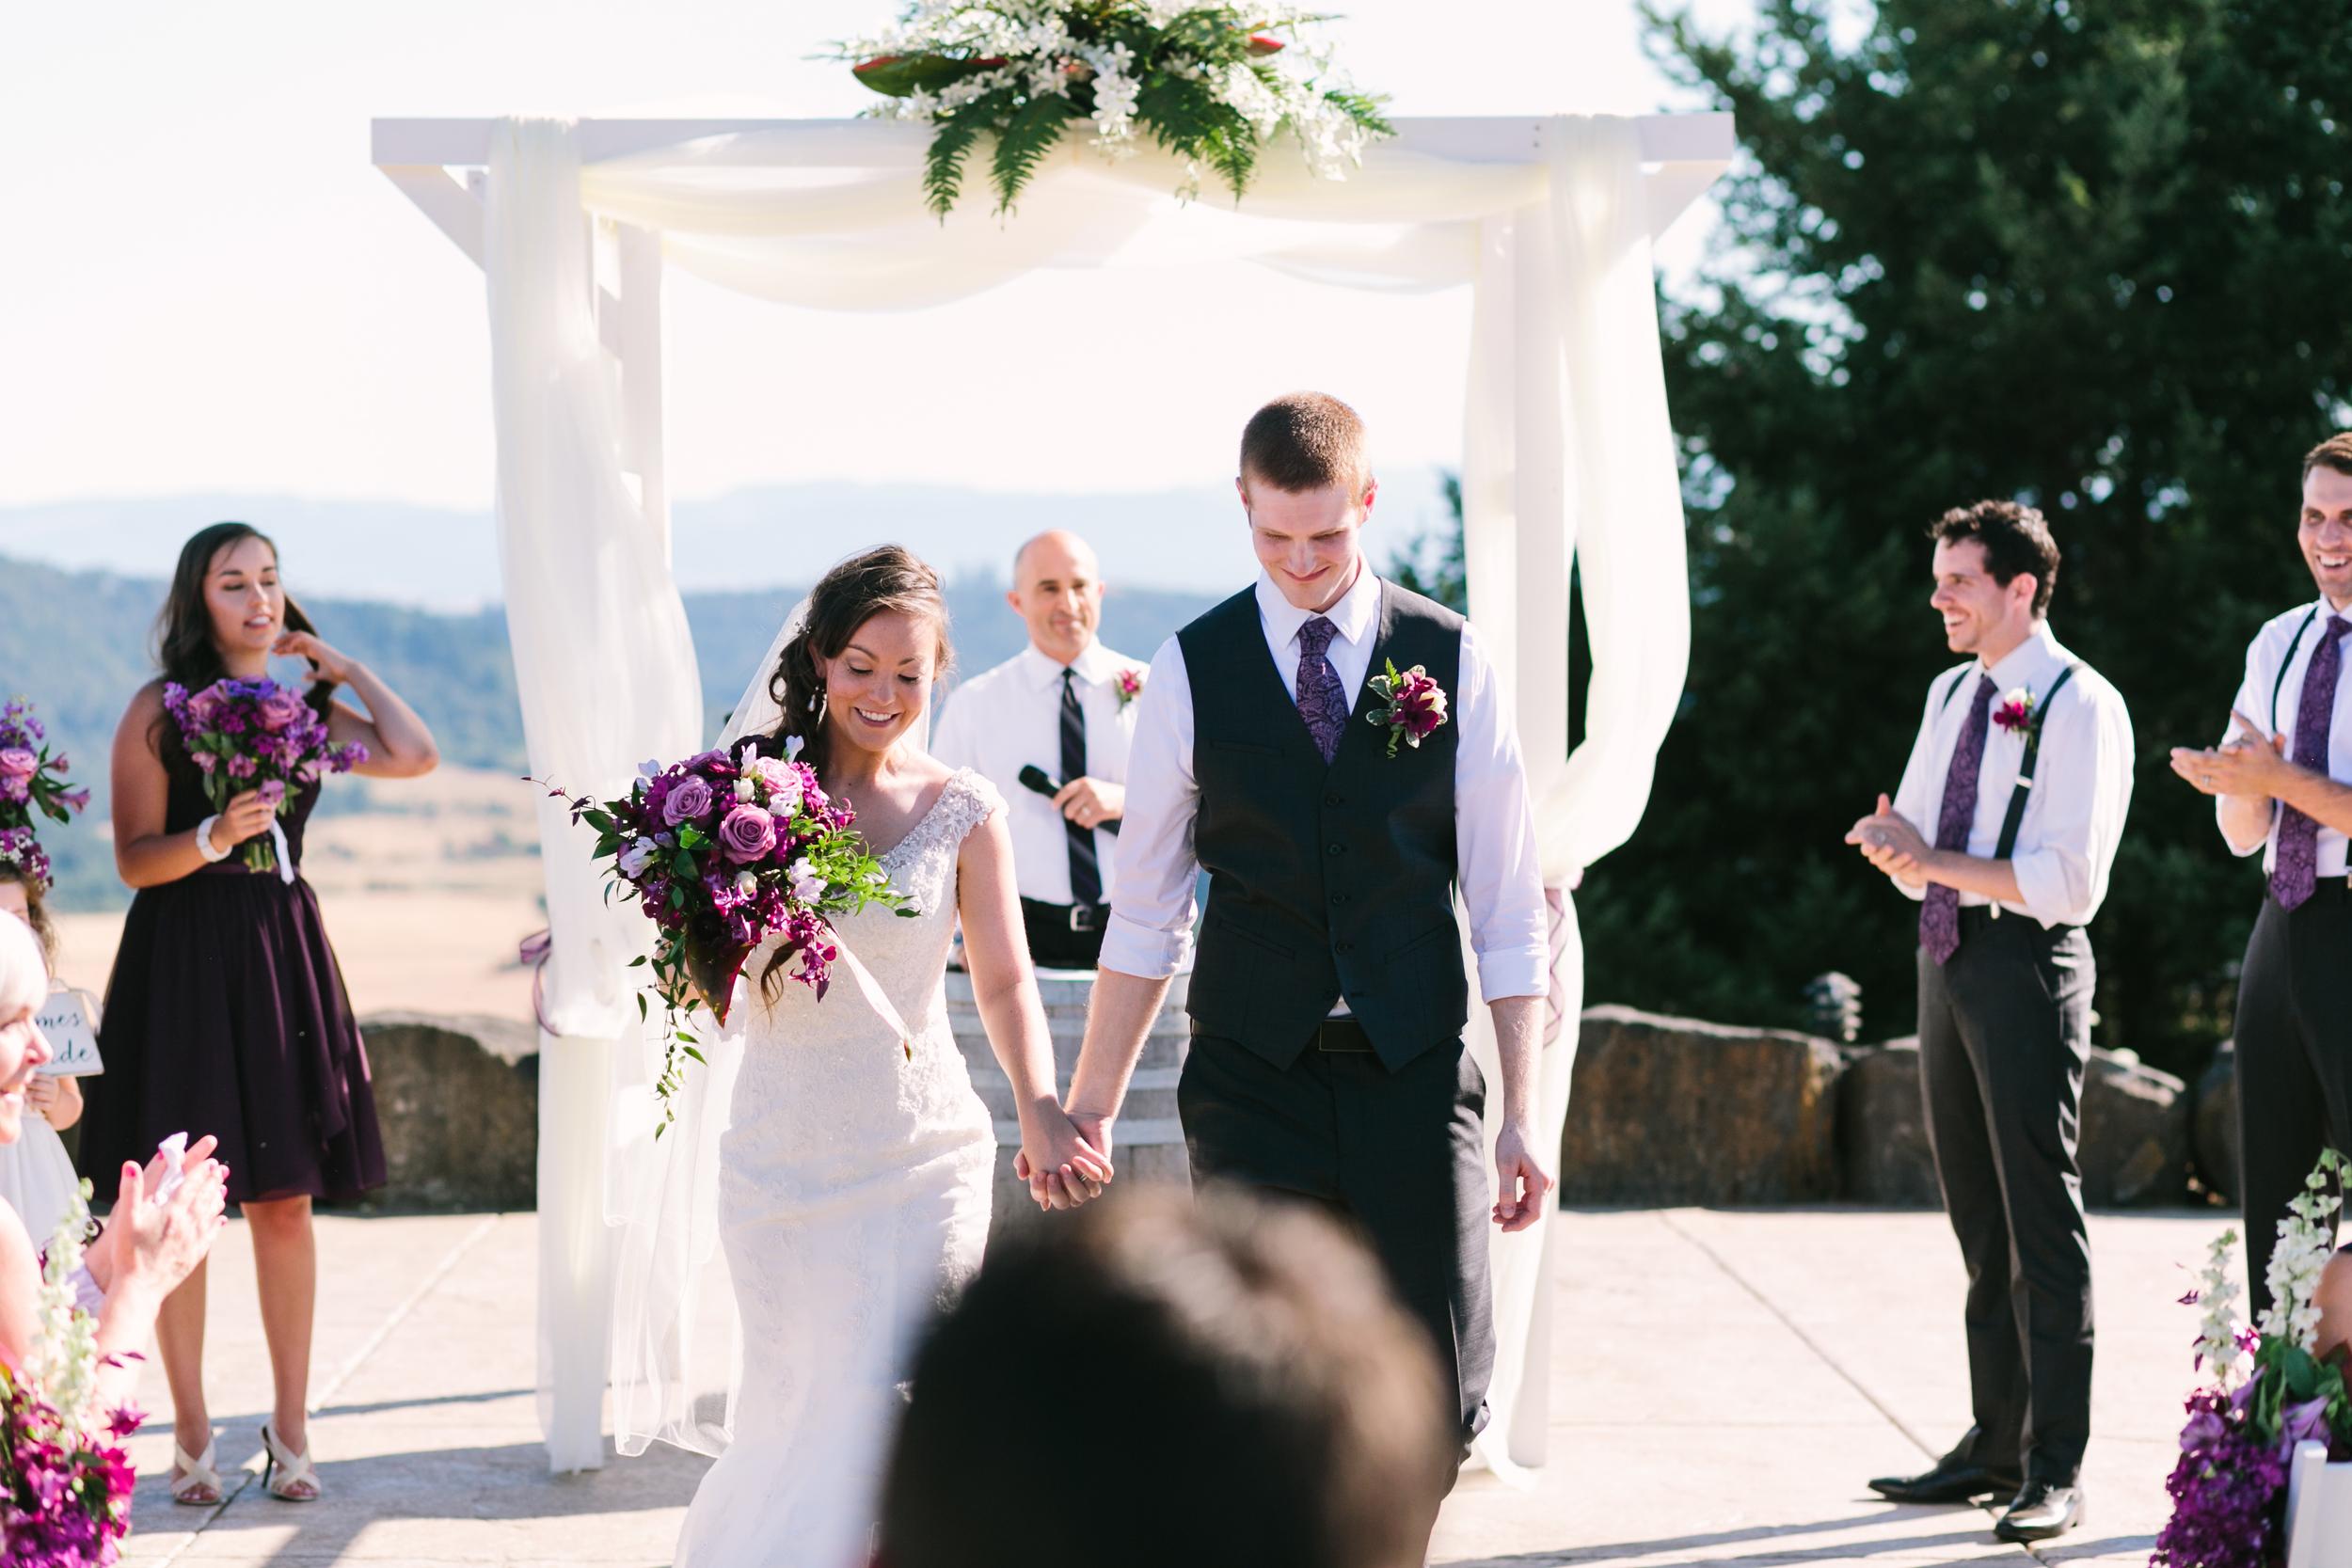 youngberg hill winery, portland Oregon Wedding (40).jpg